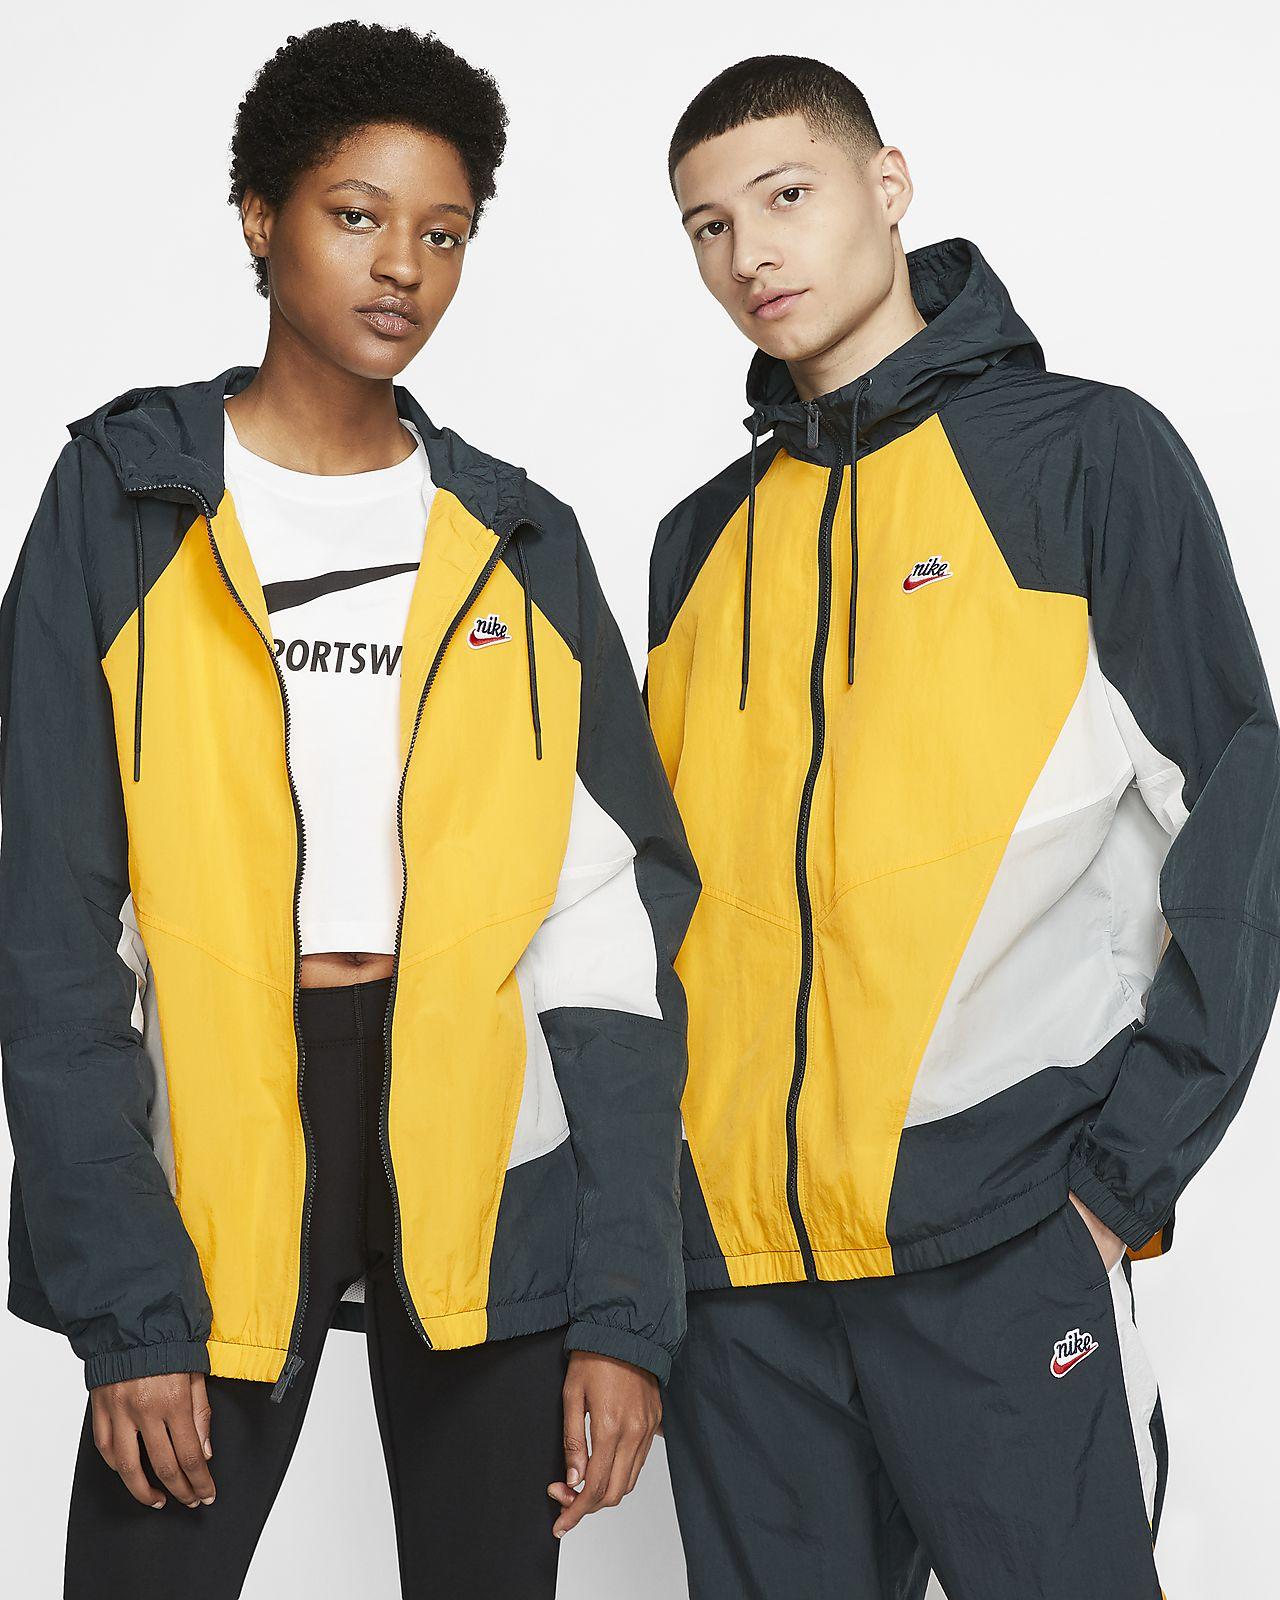 nike sportswear yellow